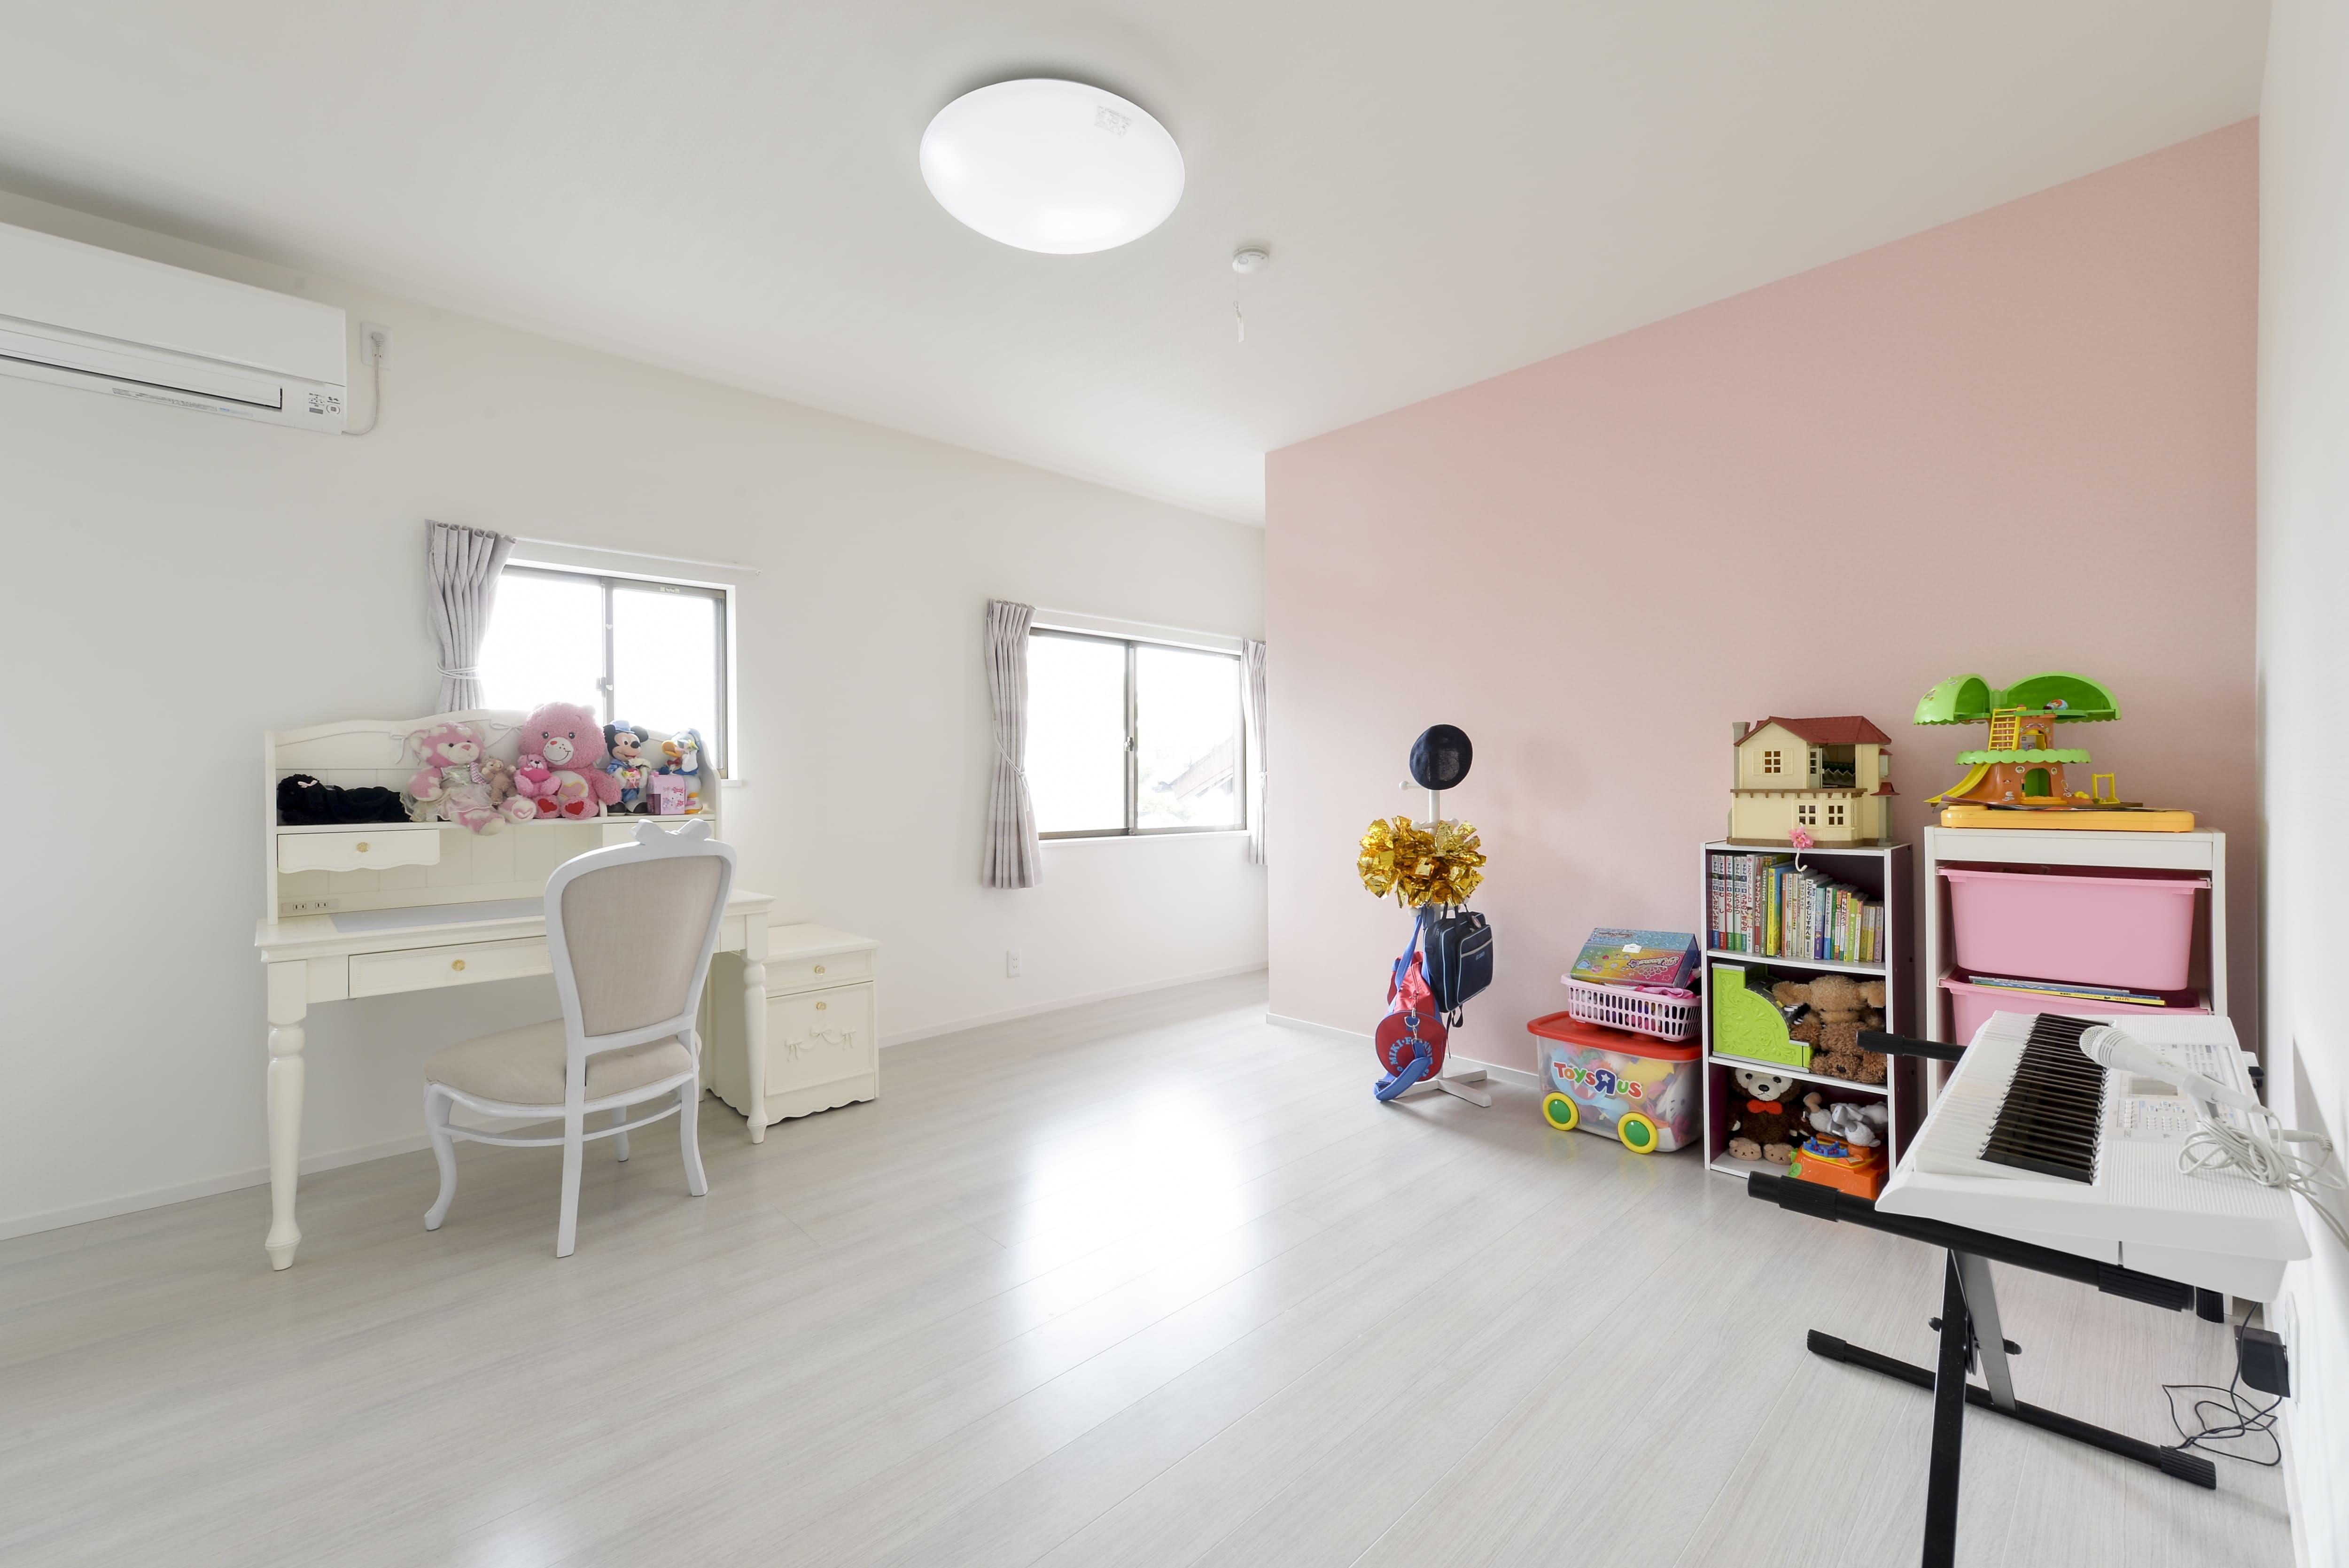 子供部屋事例:2階子供部屋は淡いピンクのクロスをアクセントにして優しい印象に。(外観は純和風のままに、室内はアーバンモダンの洗練されたデザインへとリフォーム。)